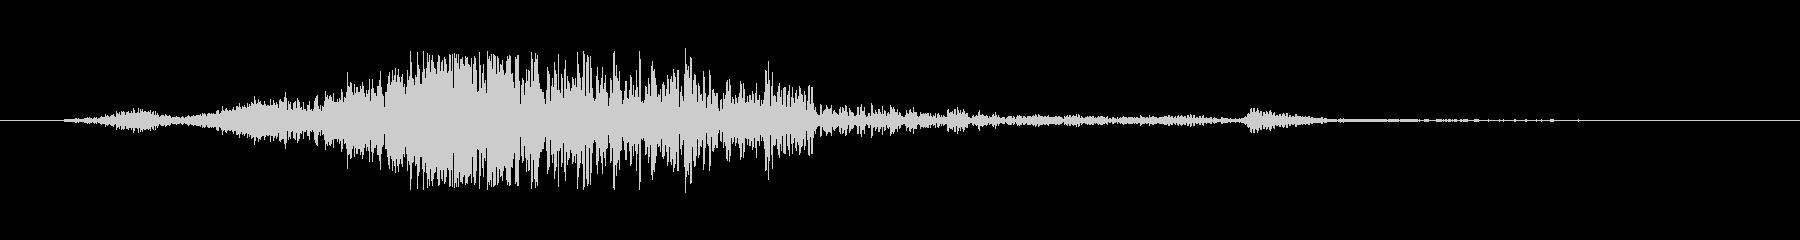 スペル ヒューシュ・ゴング02の未再生の波形